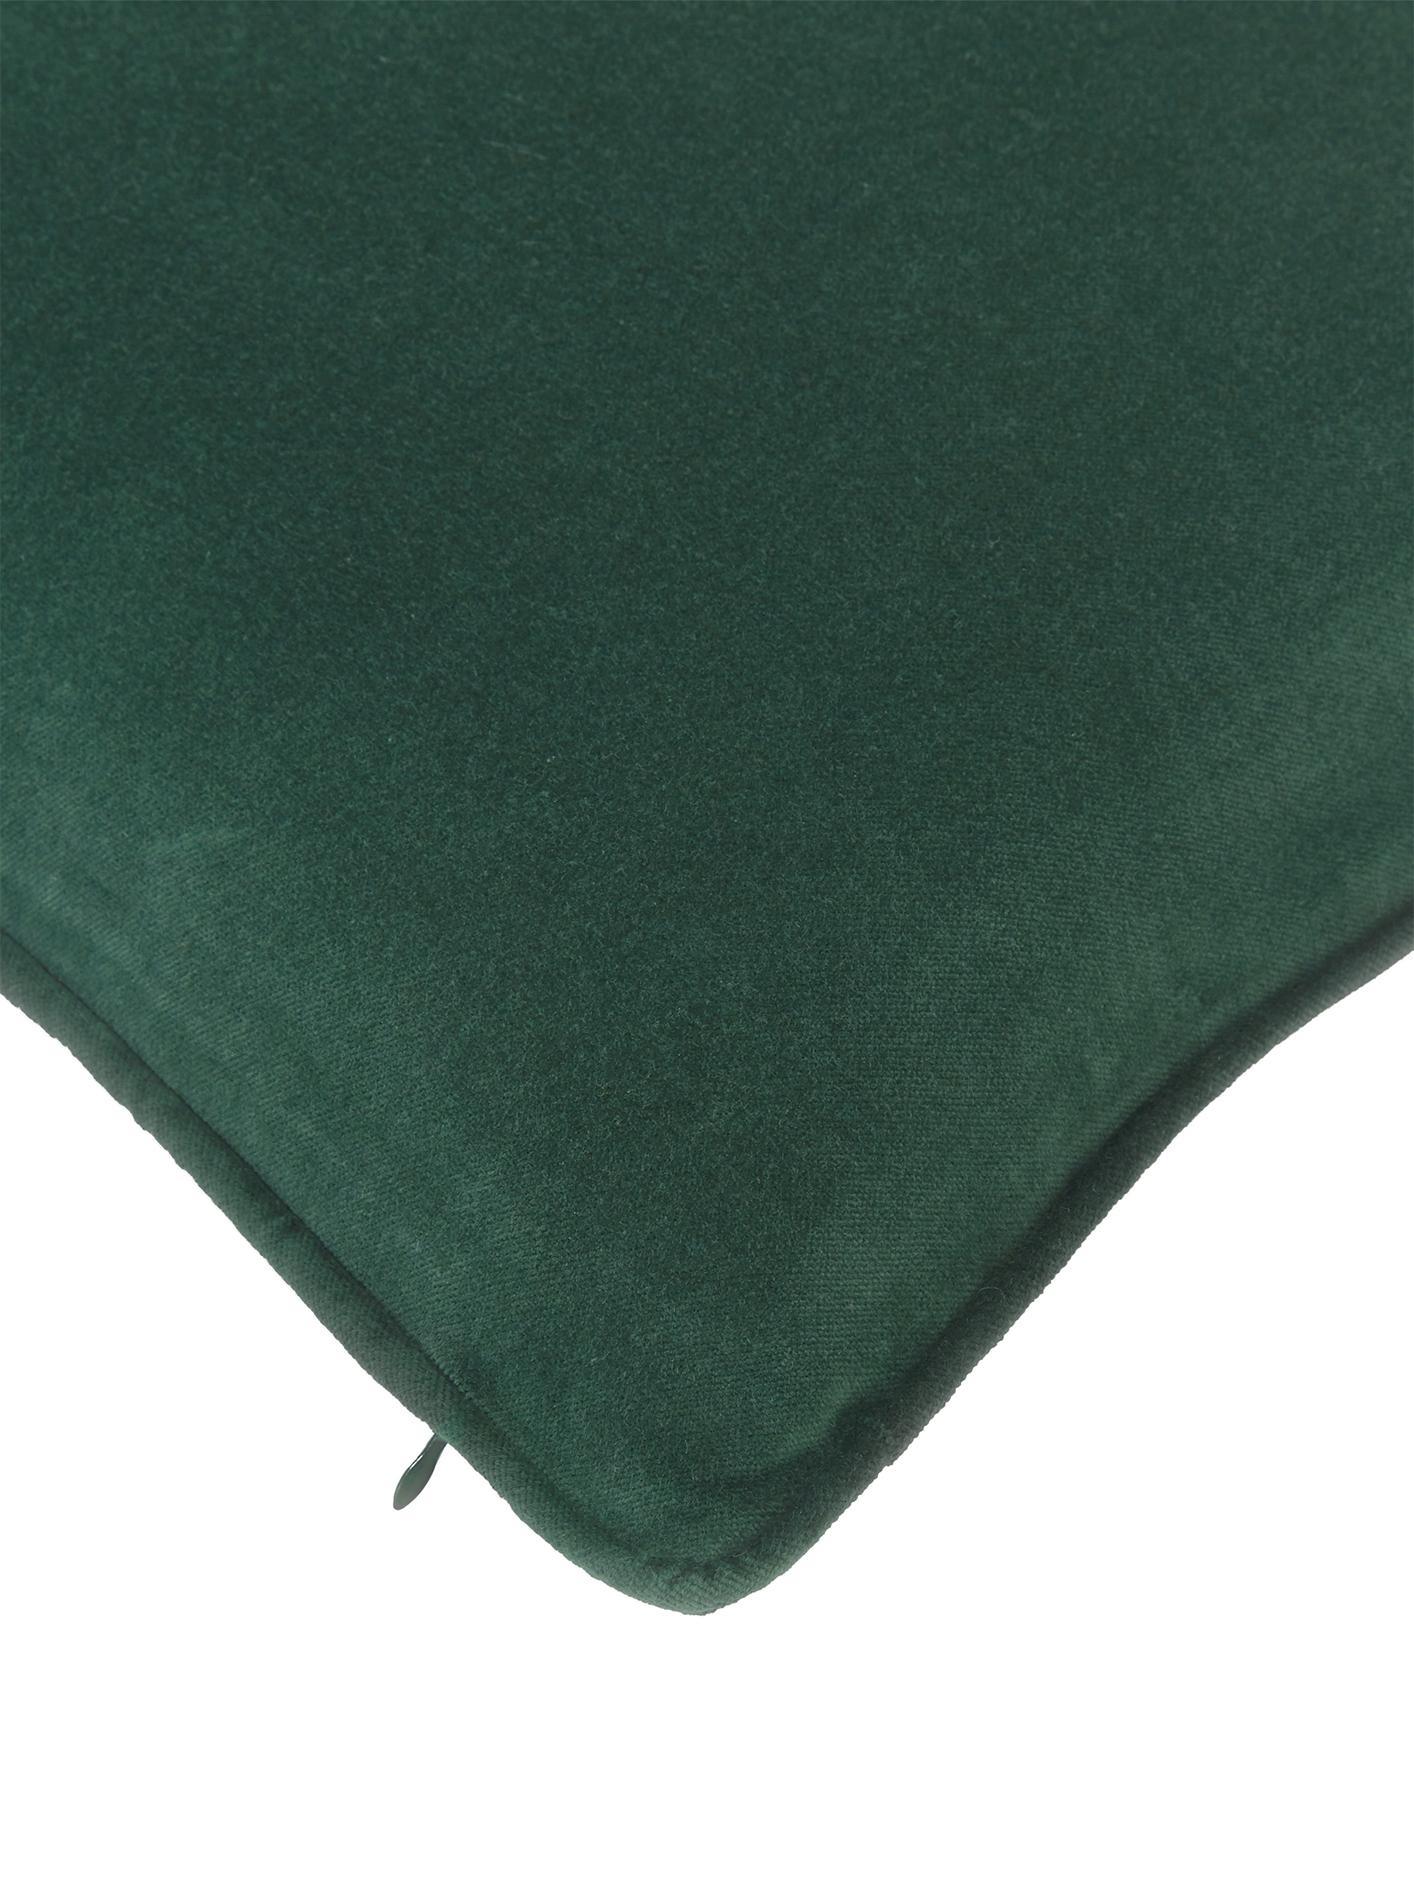 Funda de cojín de terciopelo Dana, Terciopelo de algodón, Verde esmeralda, An 50 x L 50 cm